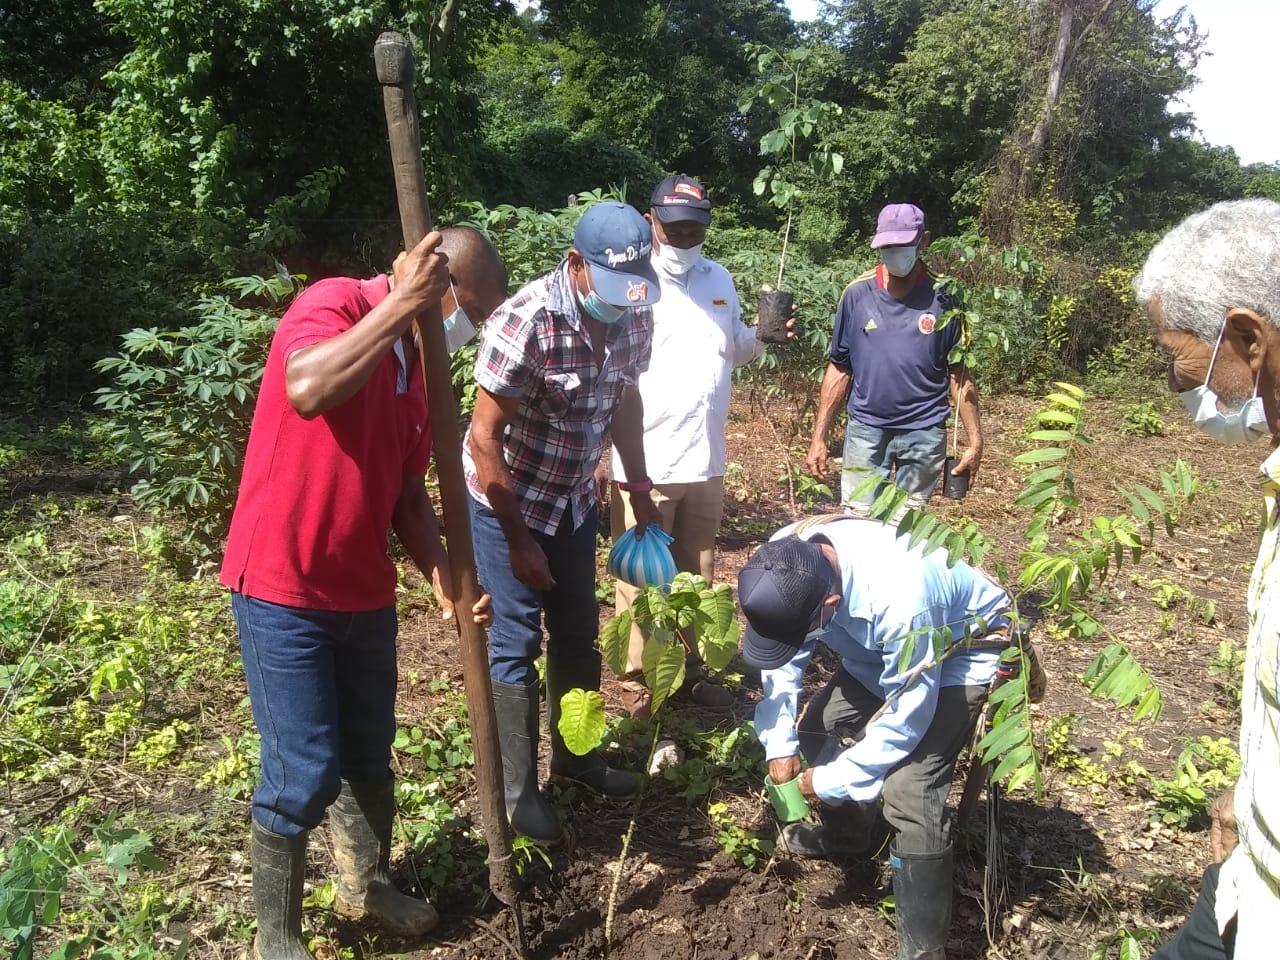 hoyennoticia.com, Nueve mil árboles fueron sembrados en Los Montes de Oca